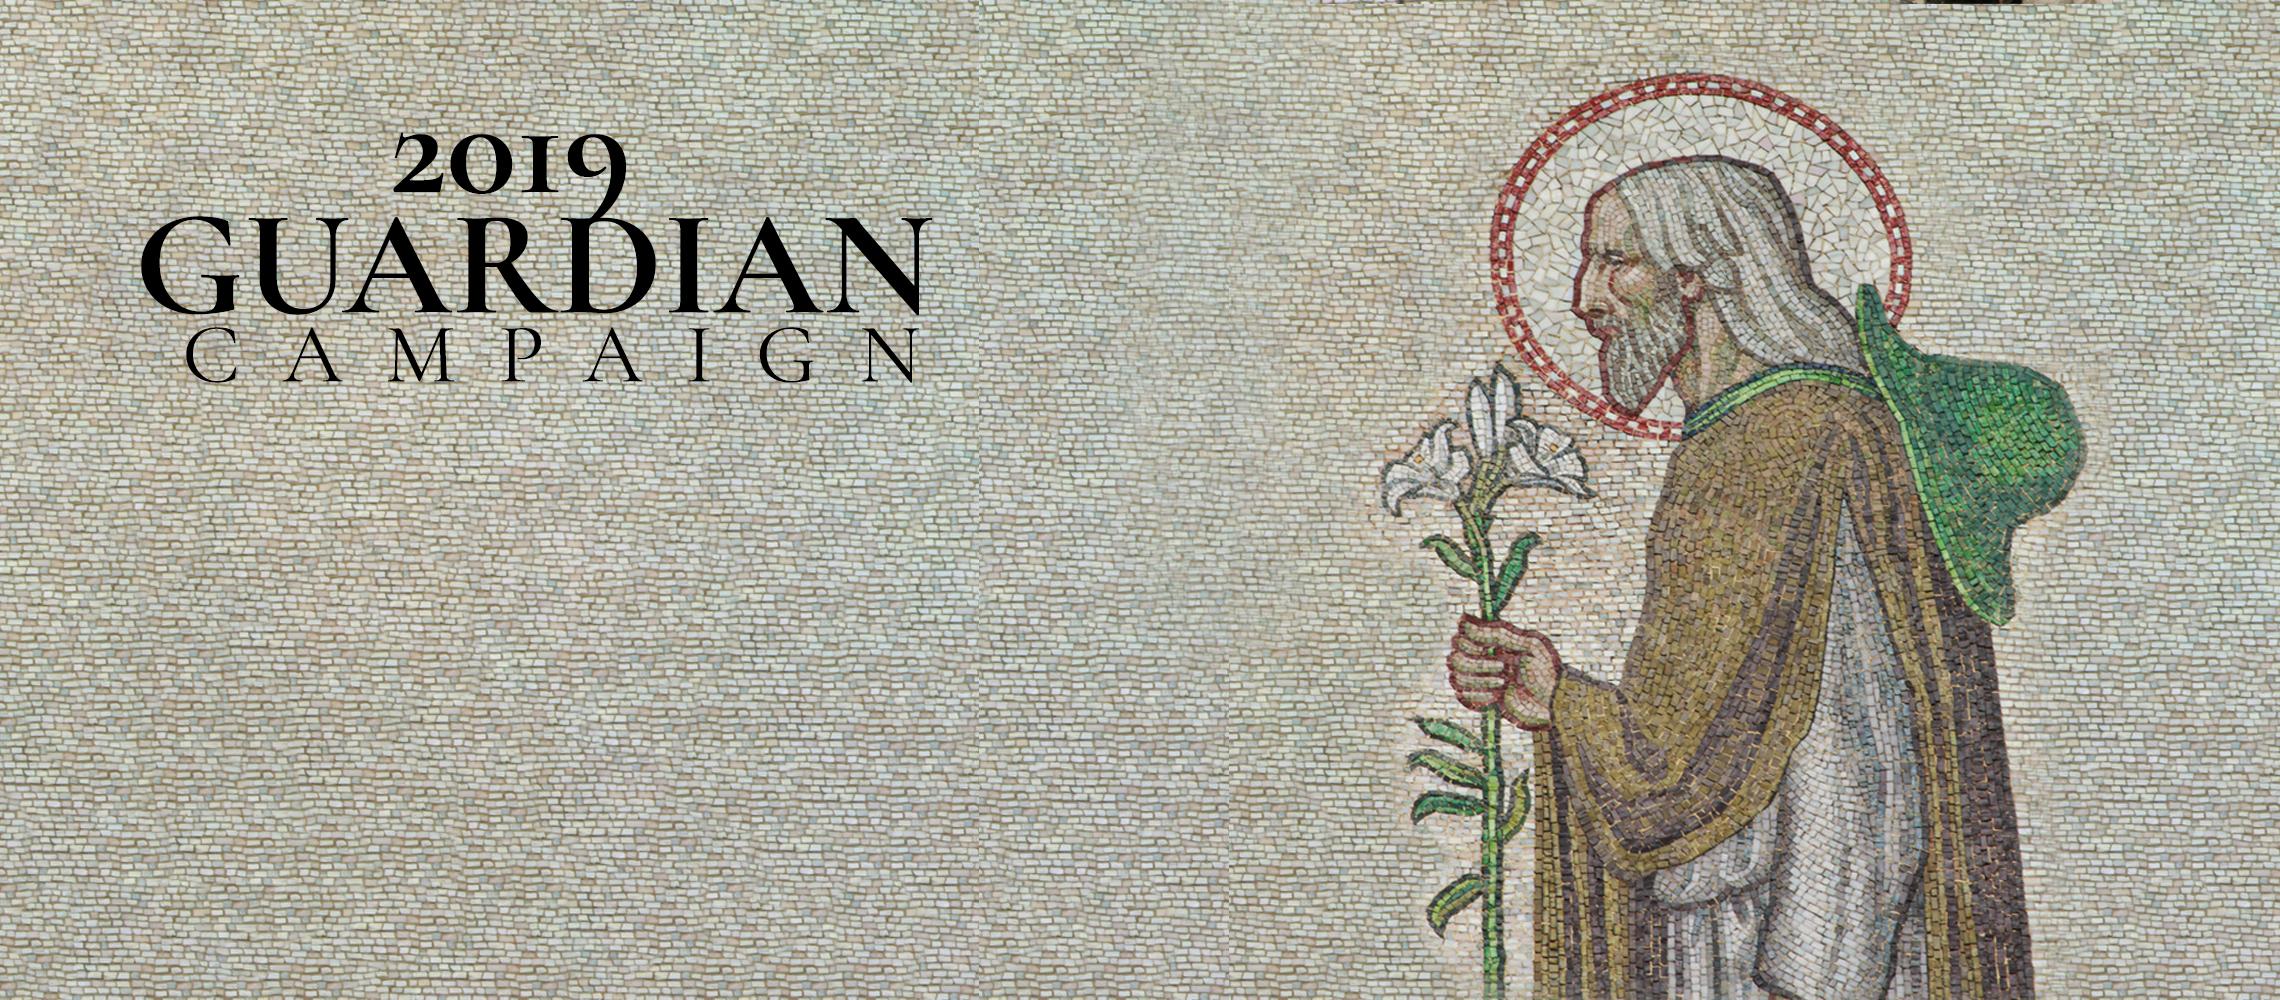 St. Joseph's Guardian Campaign